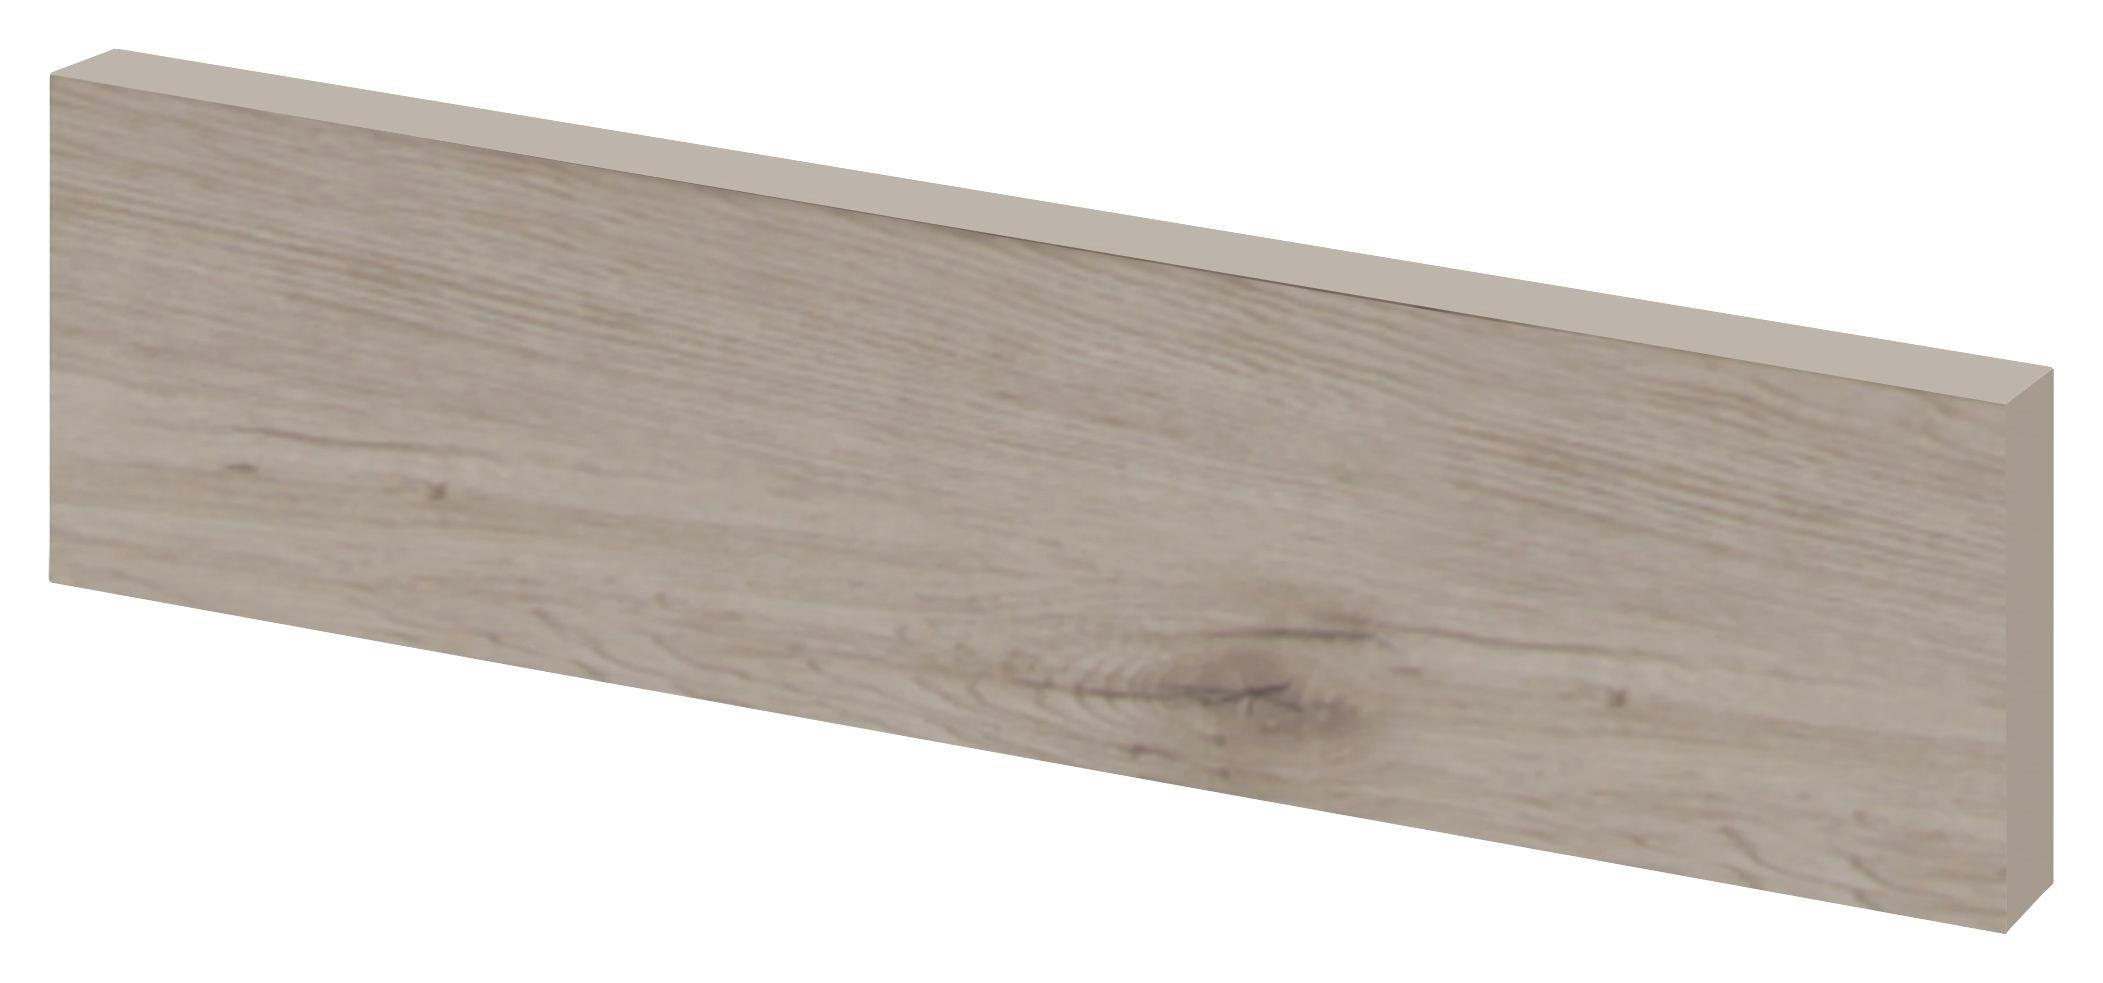 Full Size of Landhausküche Gebraucht Stehhilfe Küche Deckenleuchten Weiße Bodenbelag Fliesenspiegel Selber Machen Gardine Ohne Oberschränke Hängeschrank Glastüren Wohnzimmer Sockelblende Küche Selber Machen